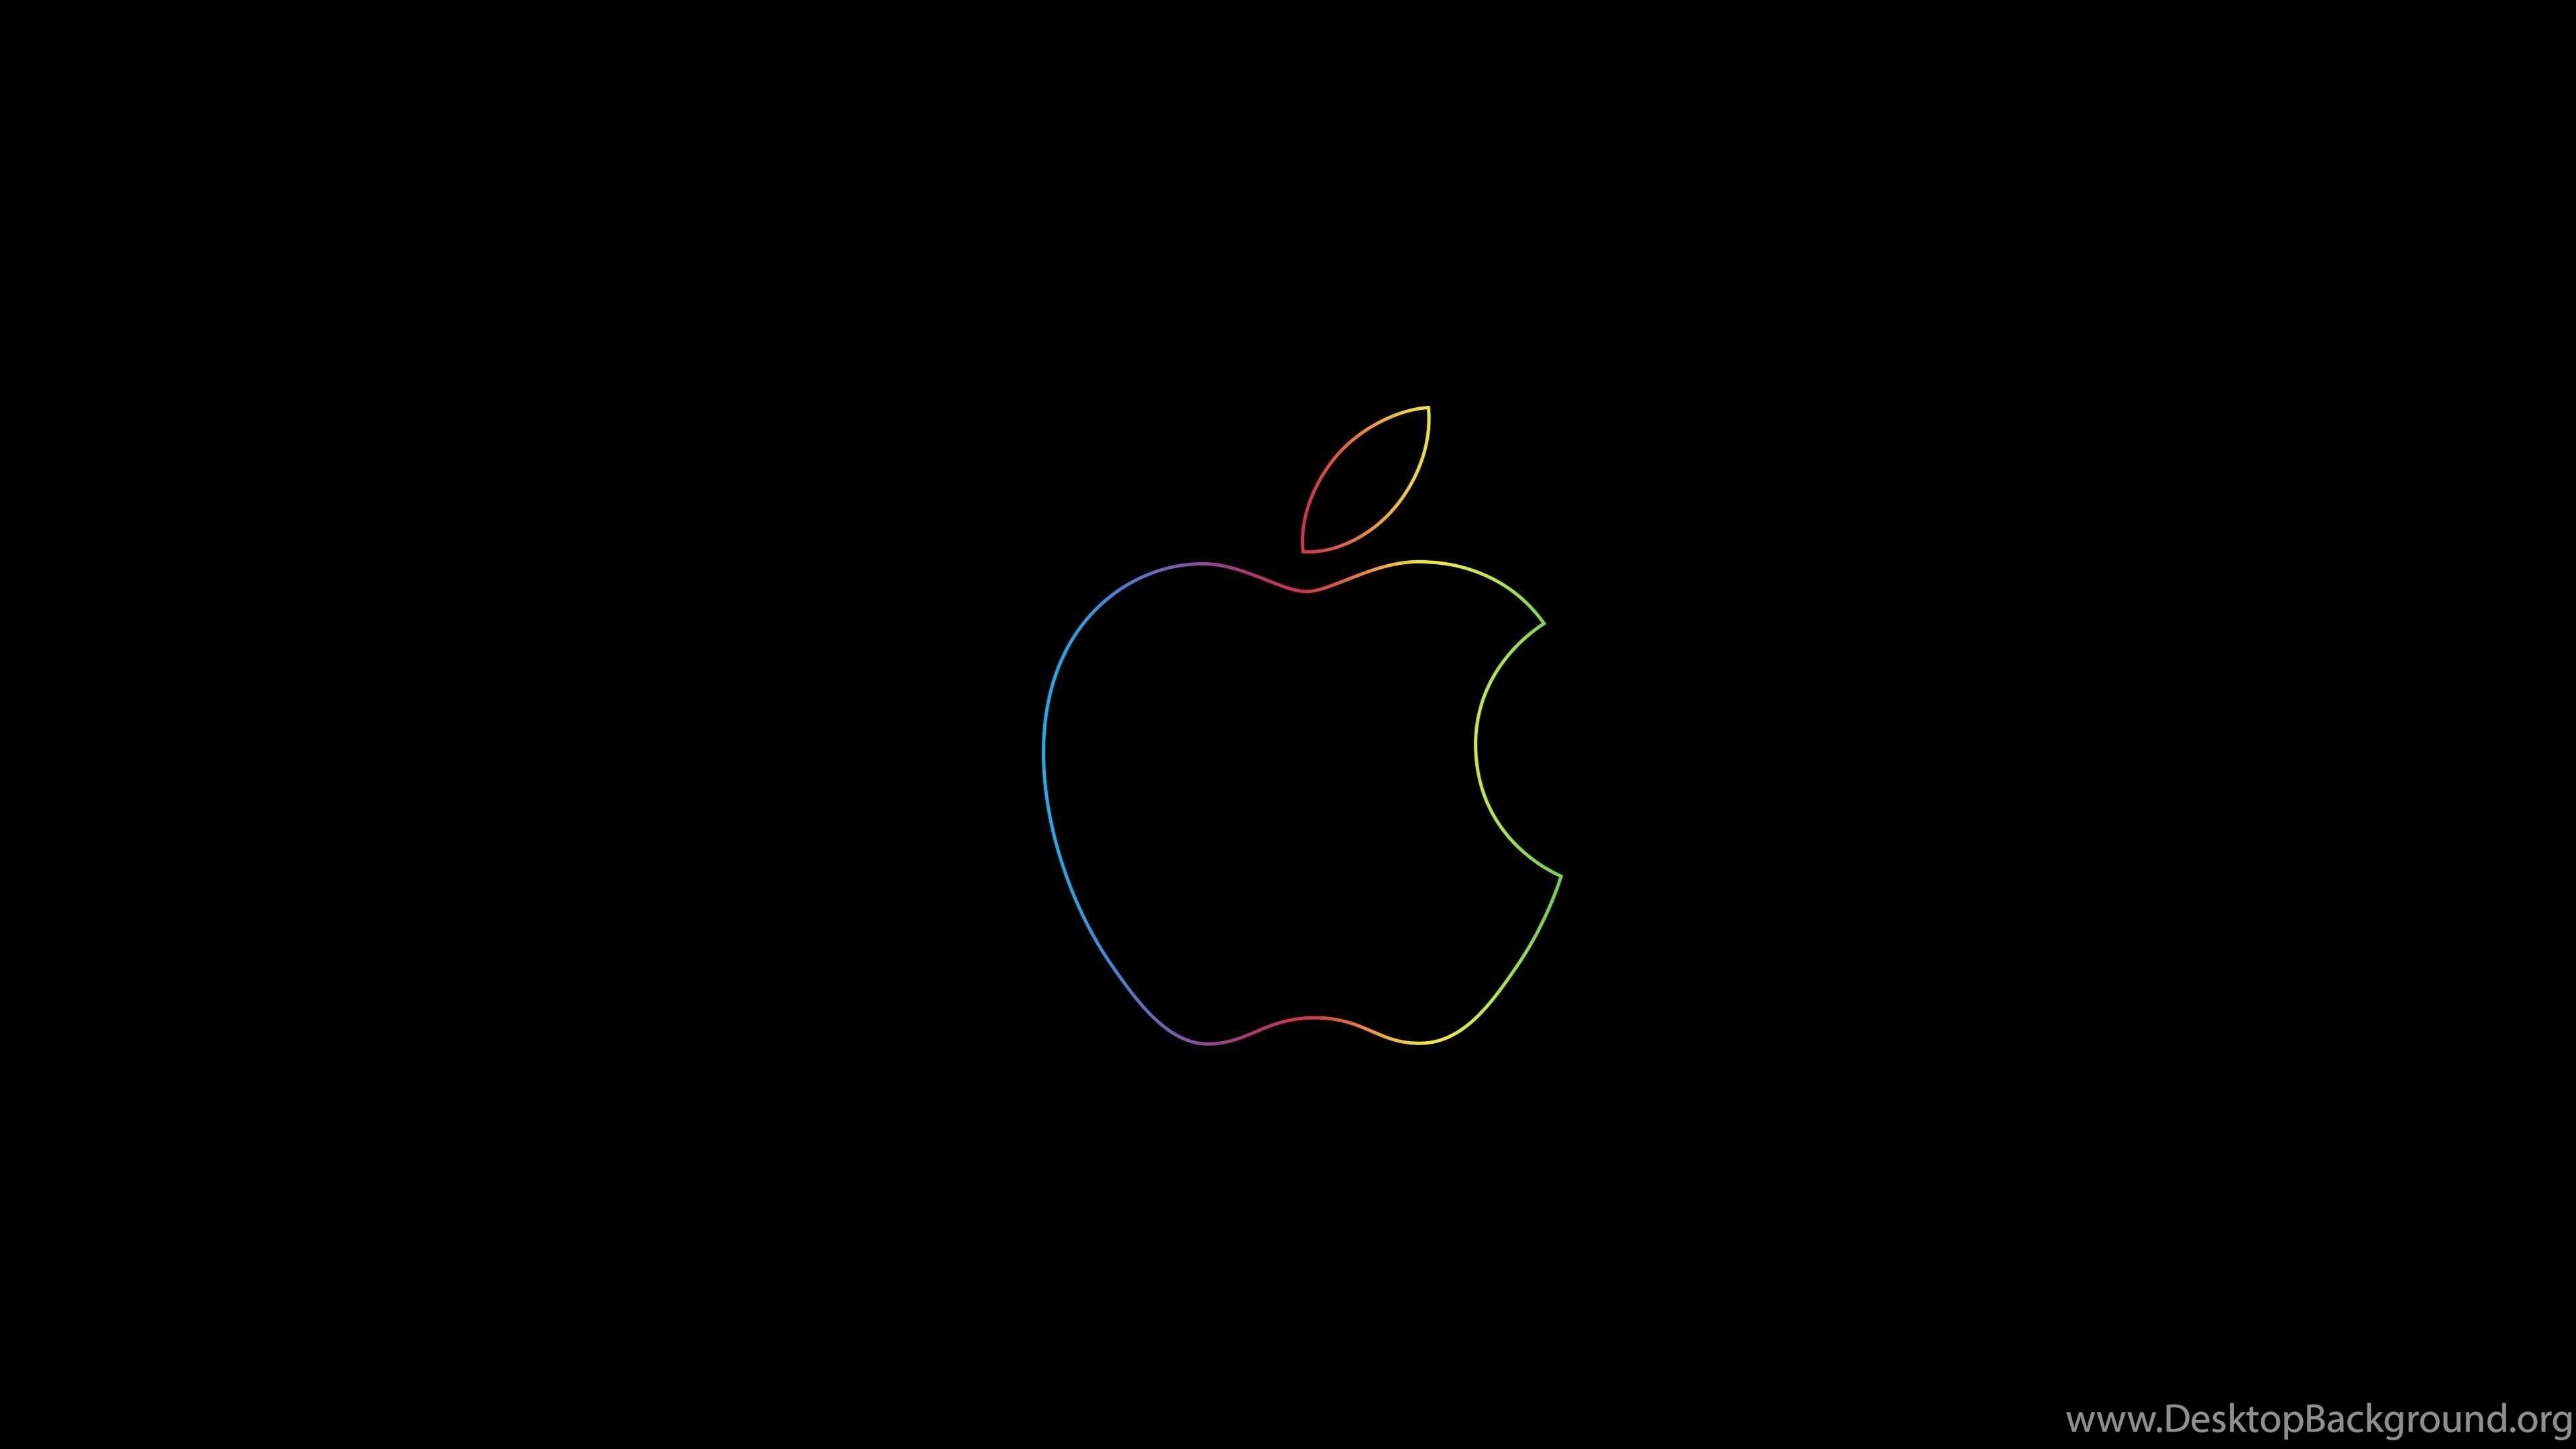 Apple Event It S Been Way Too Long Wallpapers Hd Wallpapers Desktop Background